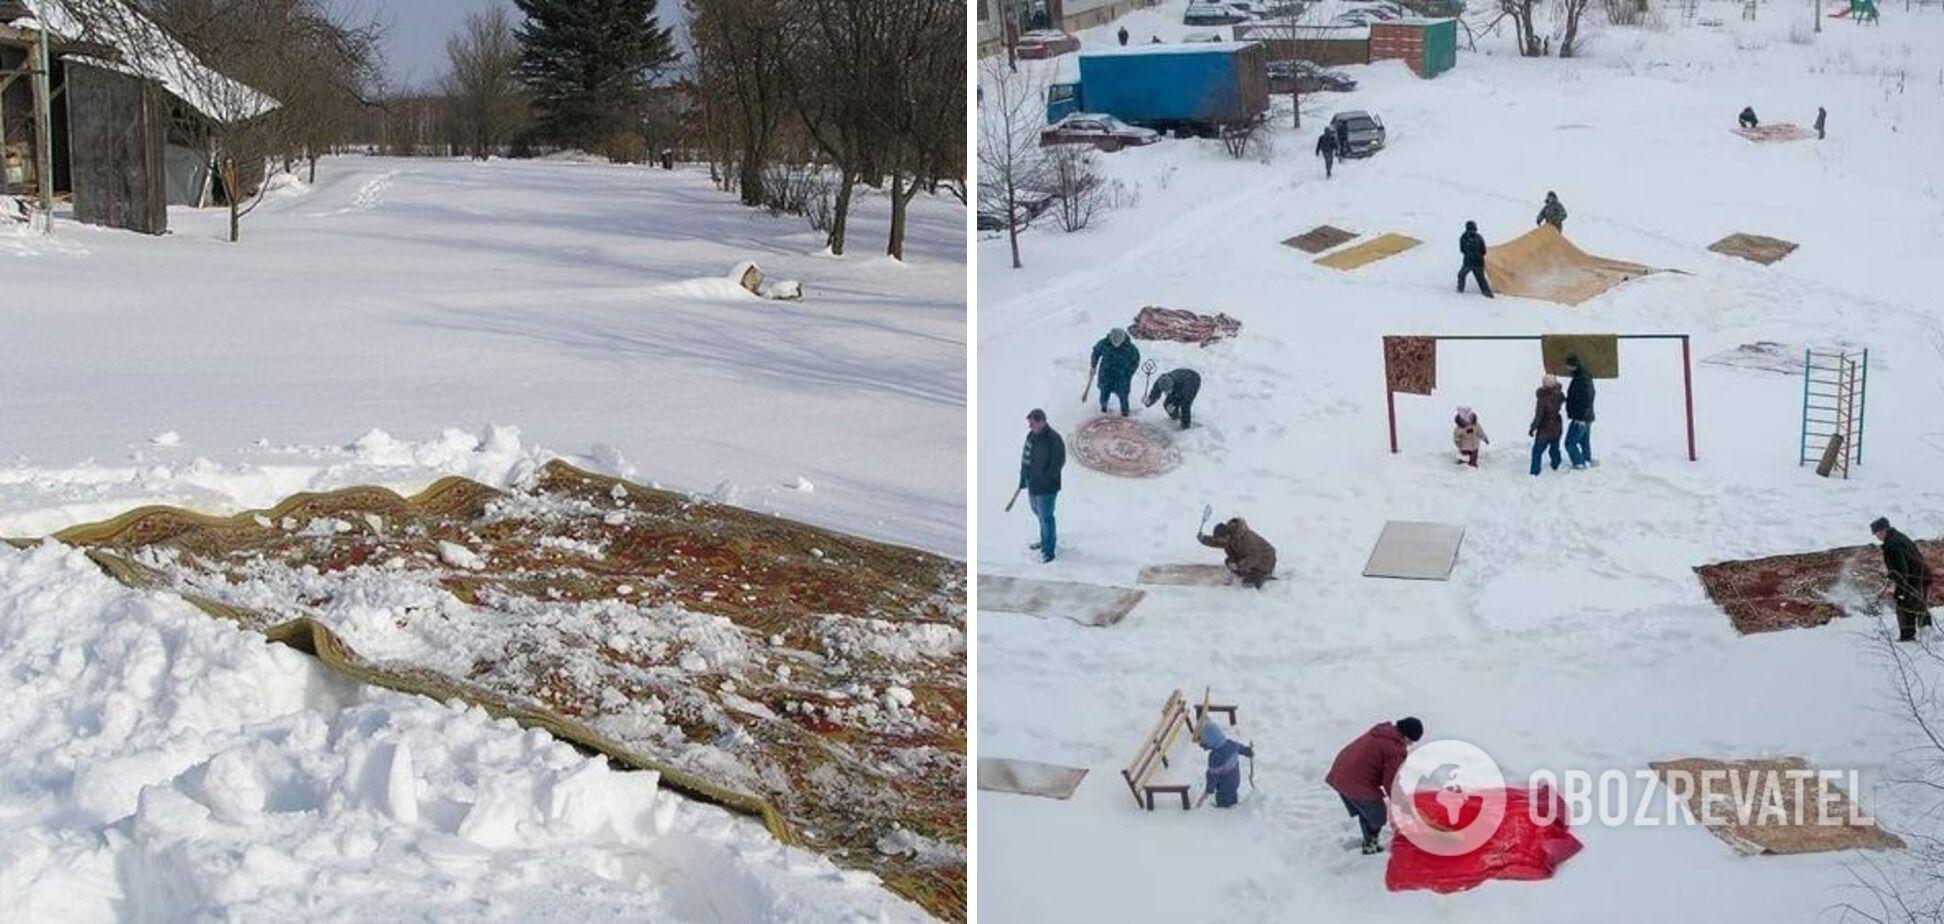 Перед Новым годом люди устраивали генеральную чистку ковров.